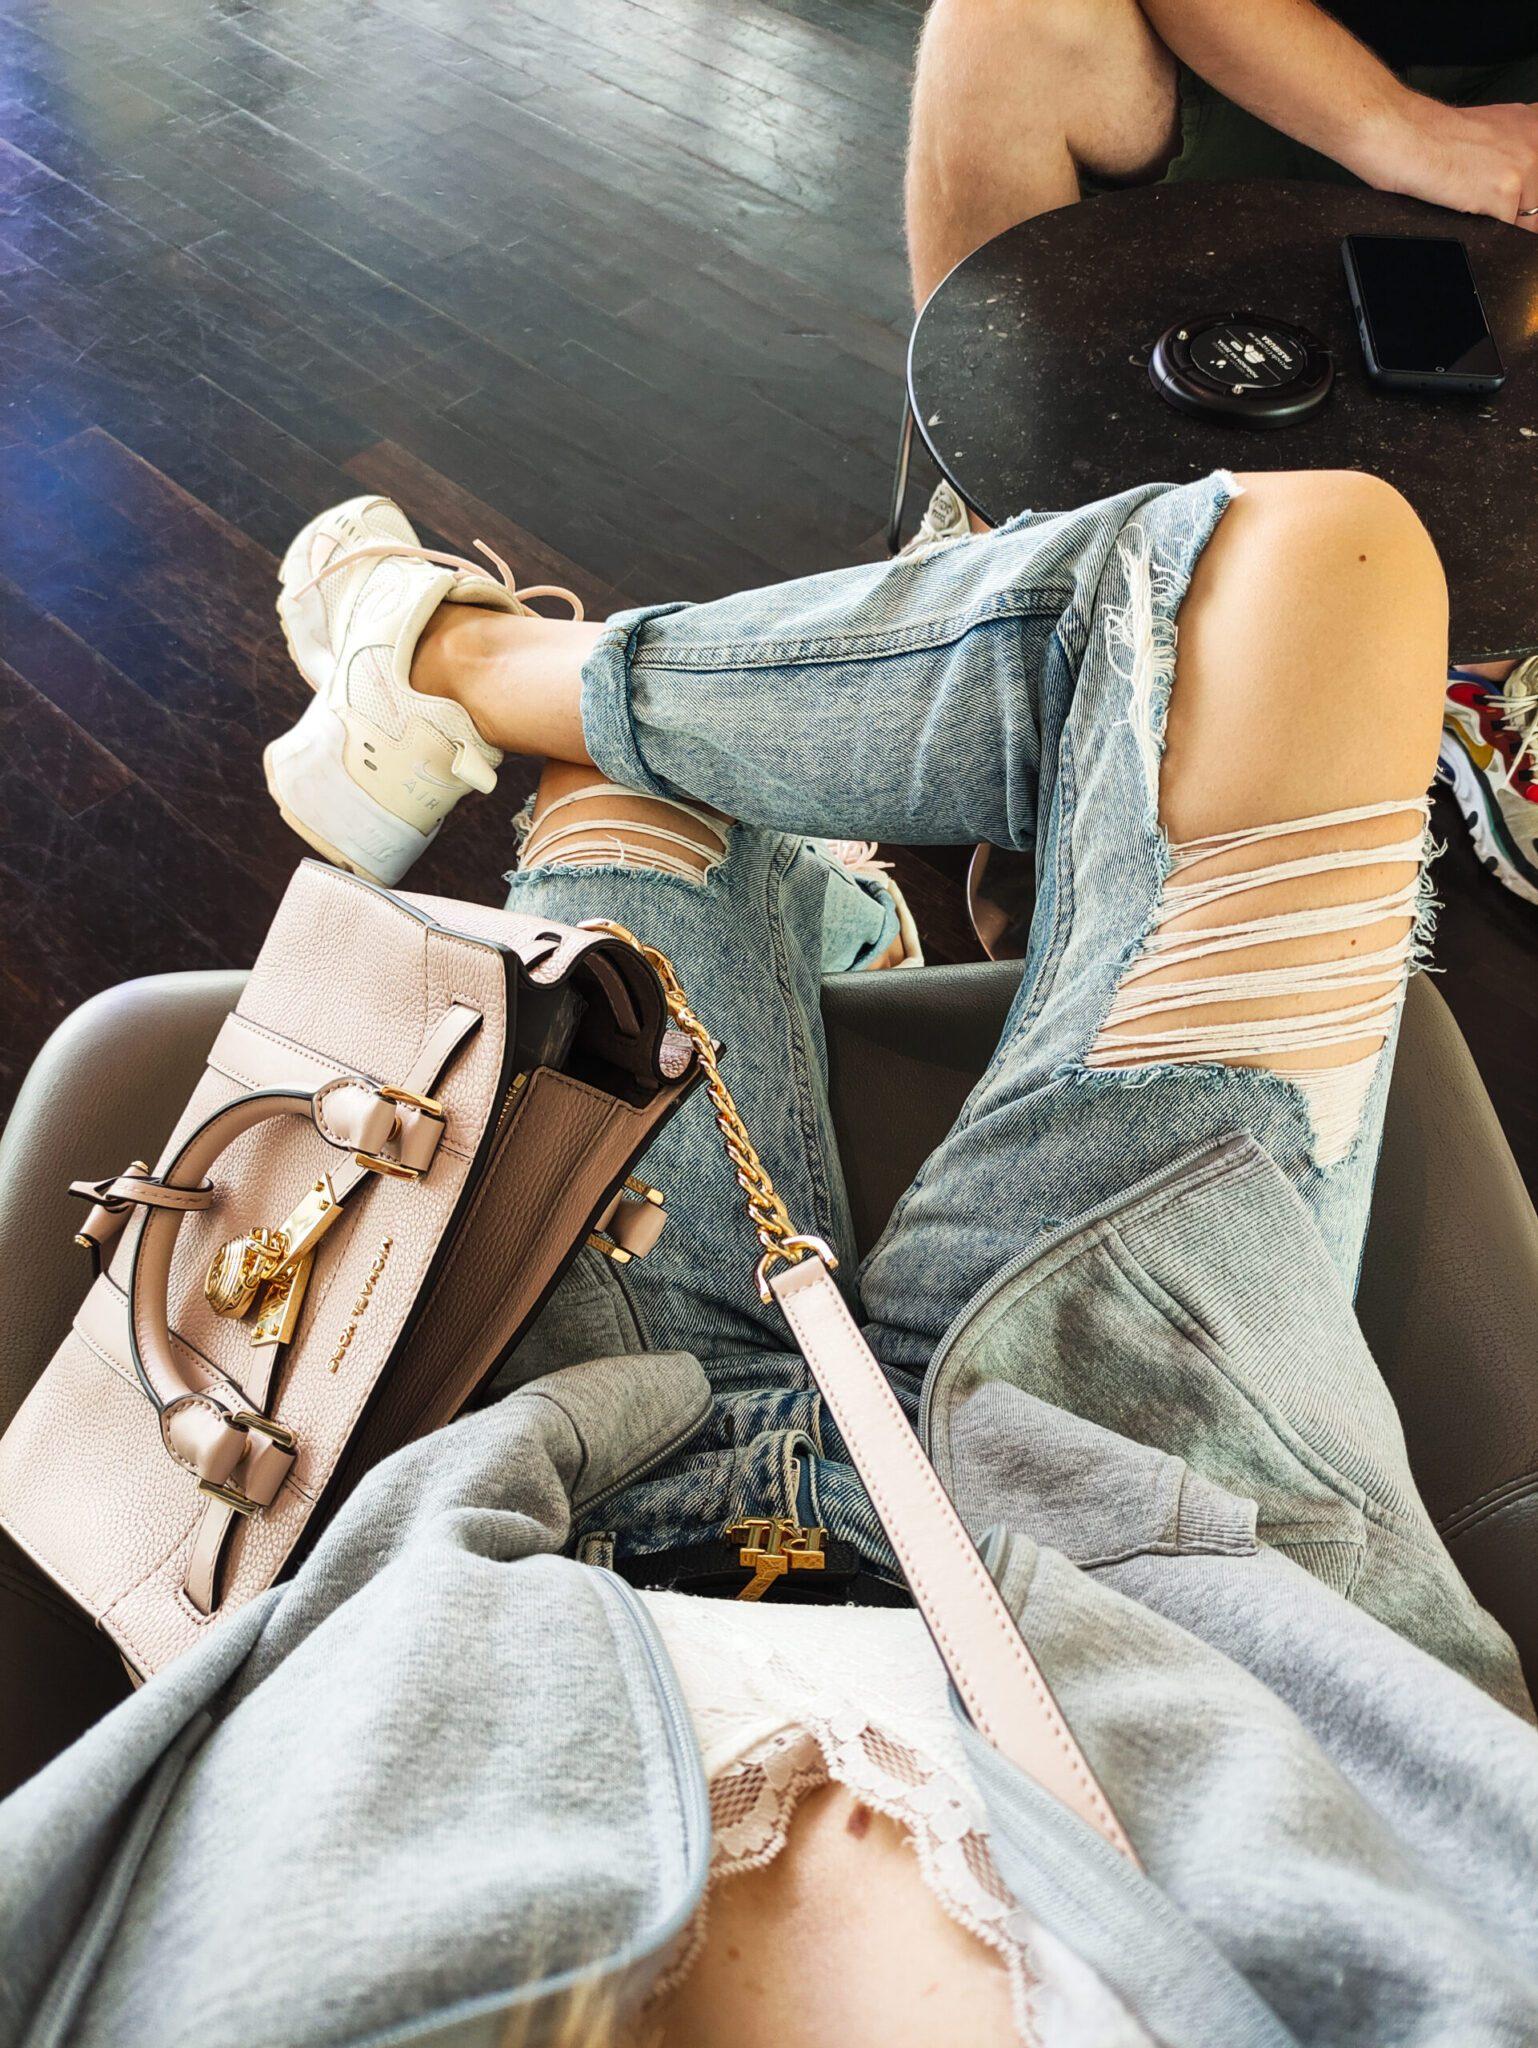 Jeansy Mom Jeans z Dziurami i Crop Top Stylizacja